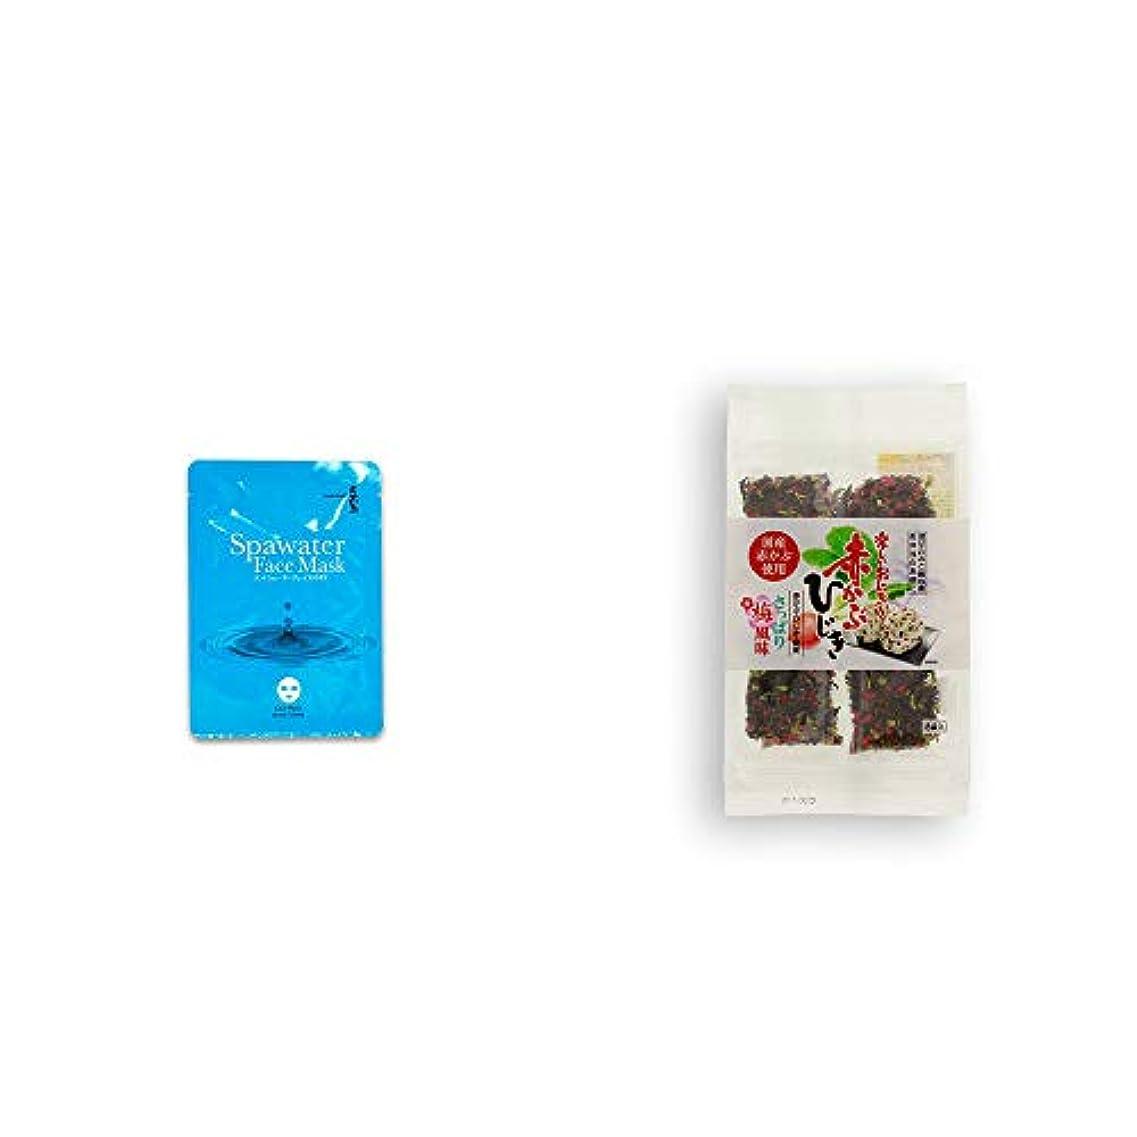 大工ラッシュ無秩序[2点セット] ひのき炭黒泉 スパウォーターフェイスマスク(18ml×3枚入)?楽しいおにぎり 赤かぶひじき(8g×8袋)